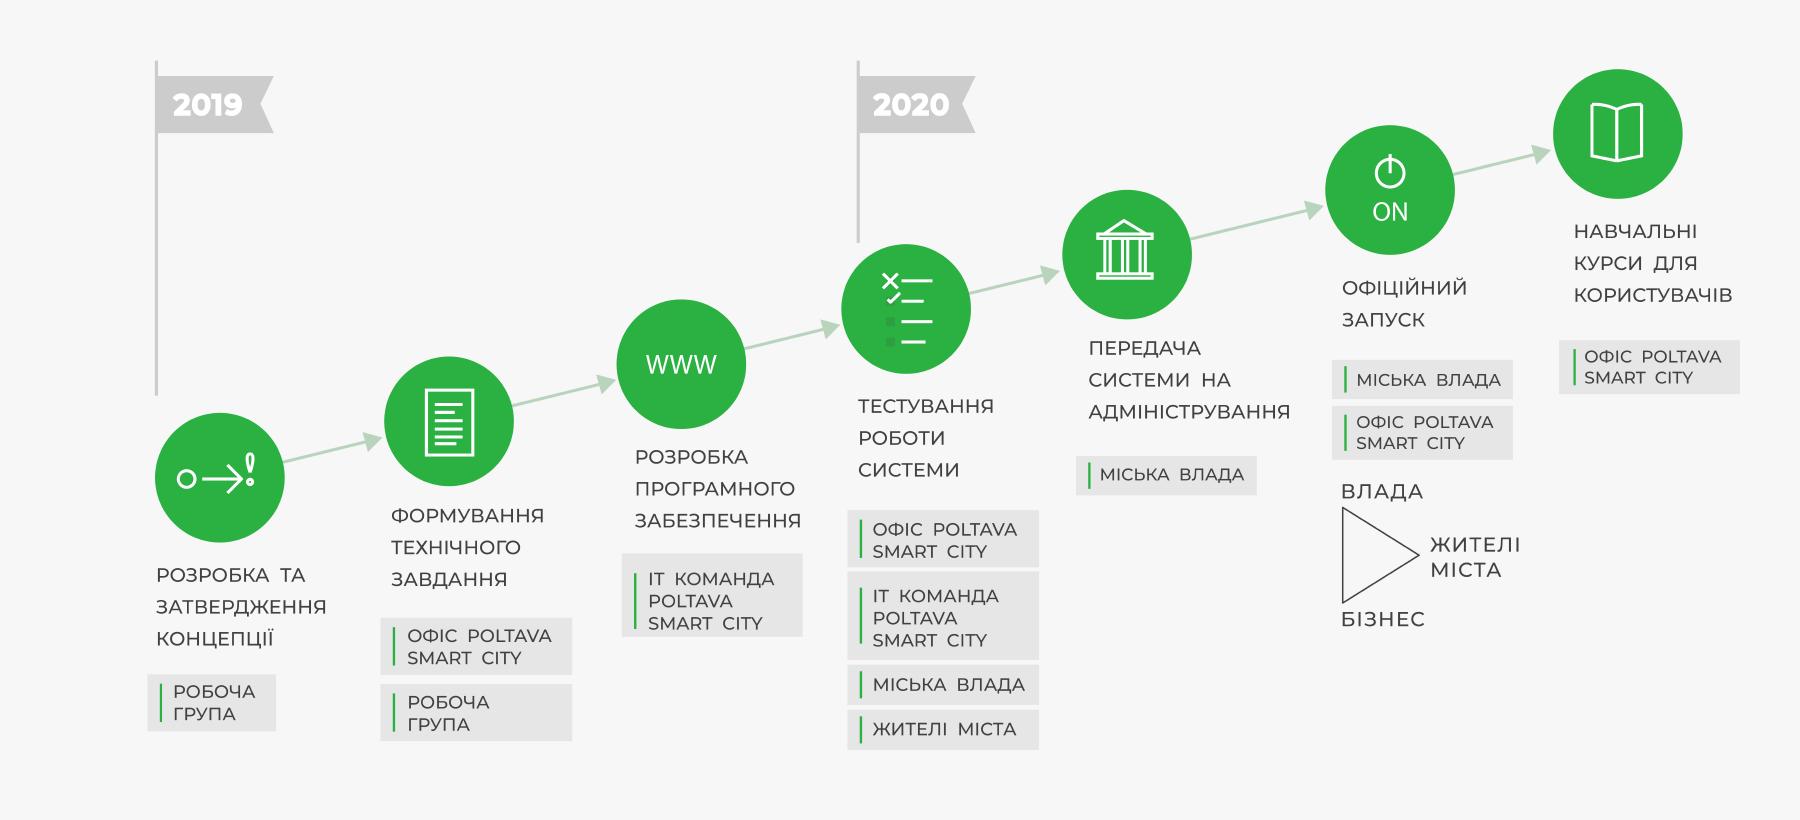 Етапи впровадження Poltava Smart City версії 1.0